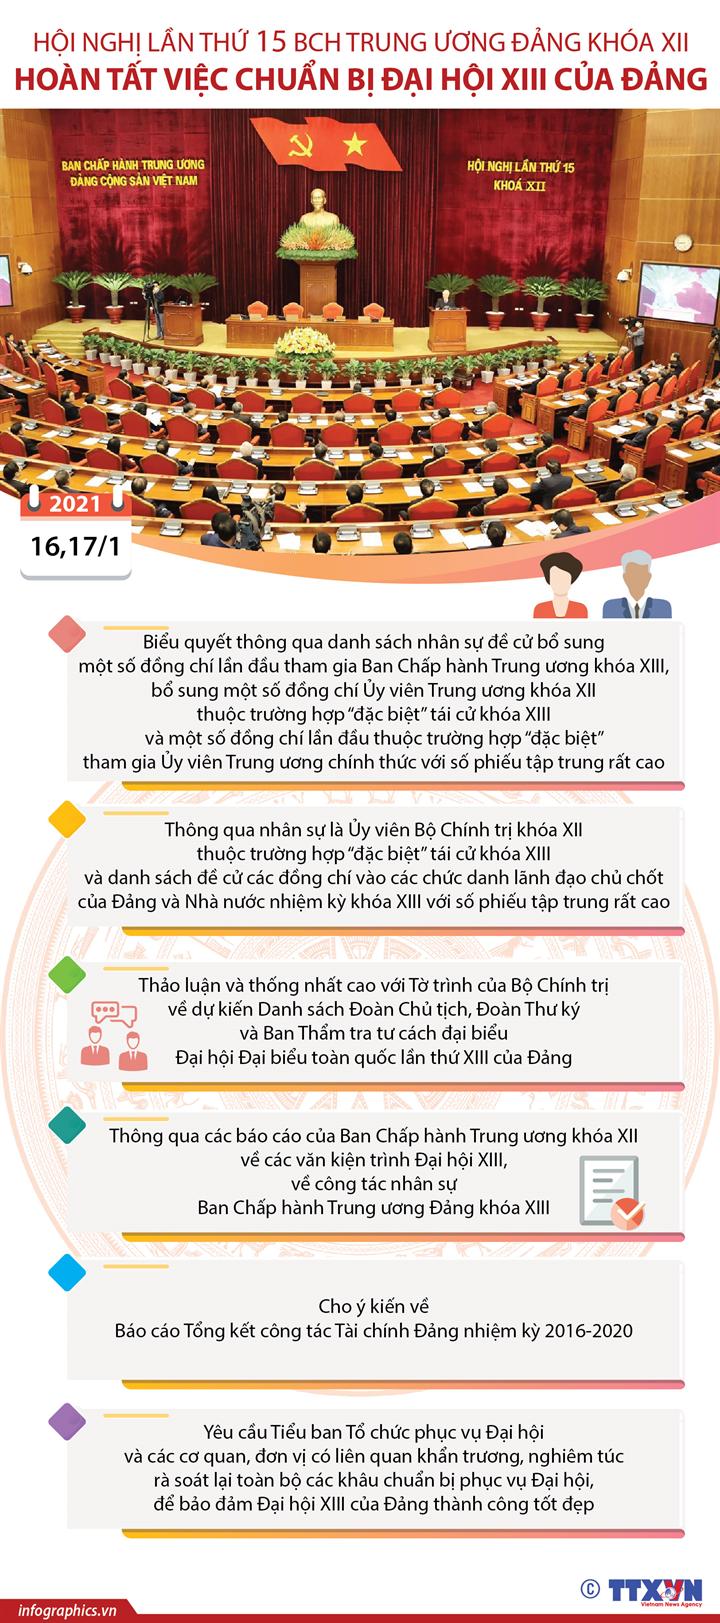 Hội nghị lần thứ 15 BCH Trung ương Đảng khóa XII: Hoàn tất việc chuẩn bị Đại hội XIII của Đảng